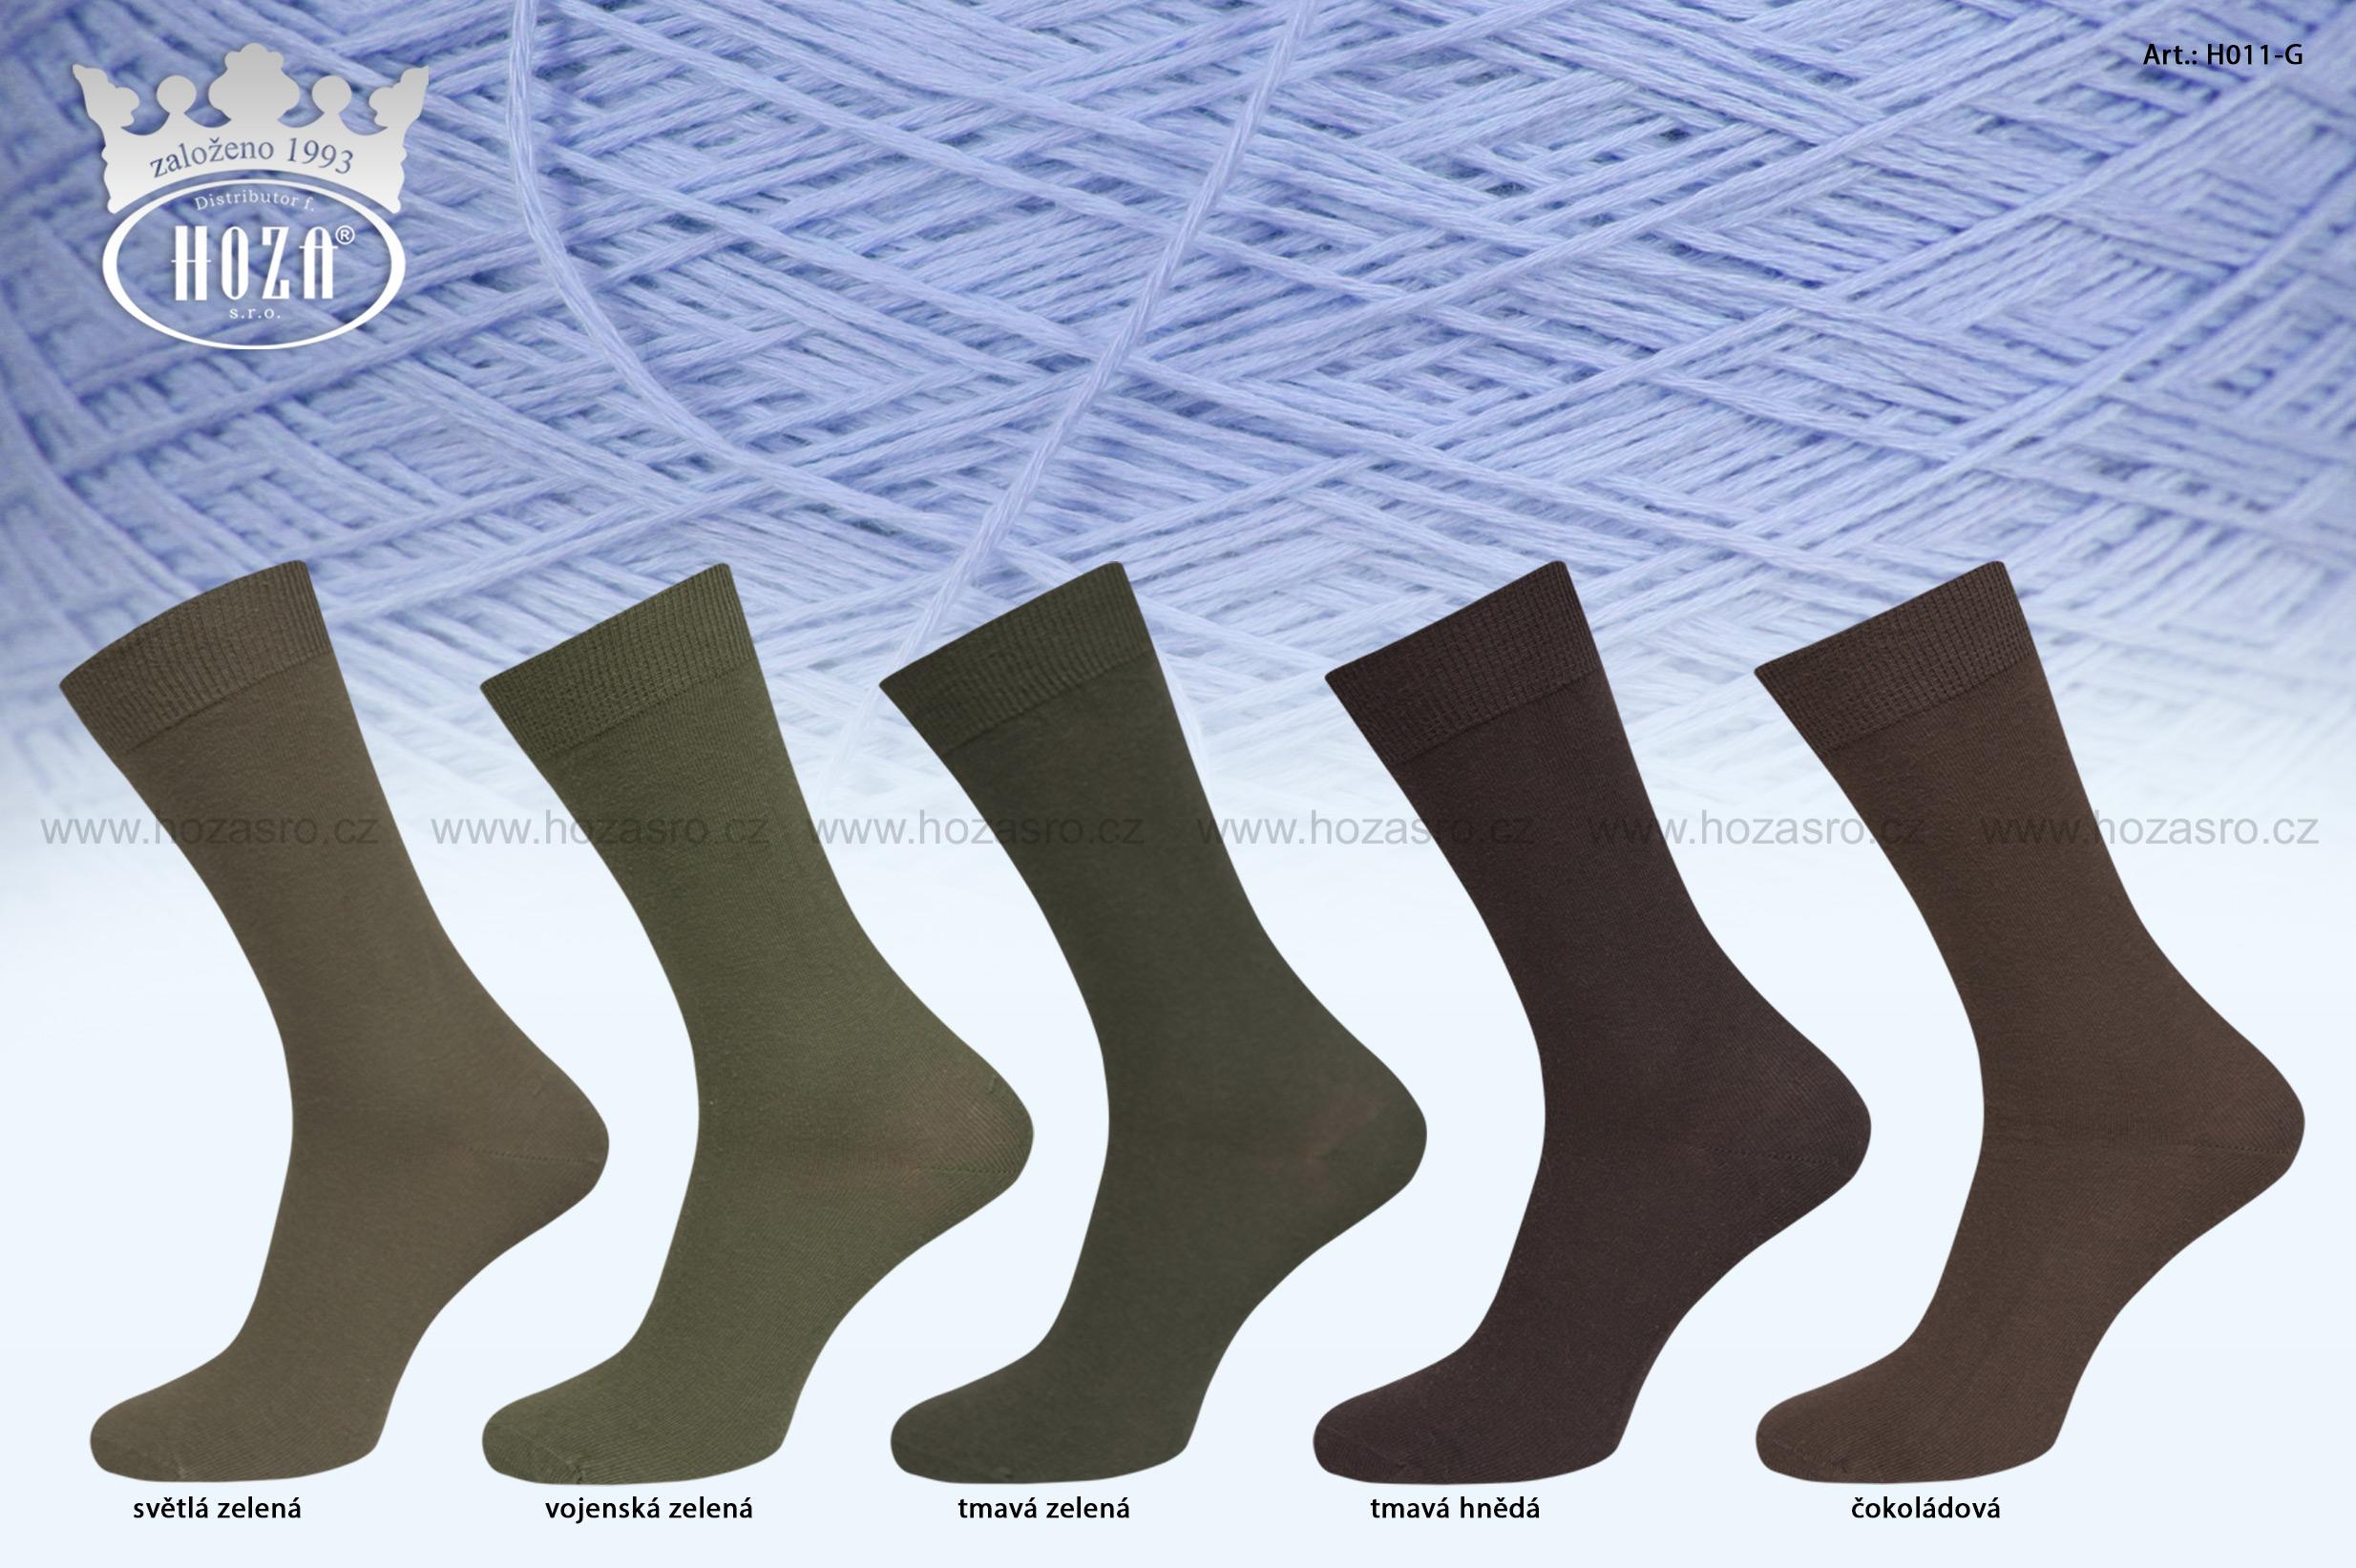 Pánské ponožky hladké, 100% bavlna -zelený mix - H011-G